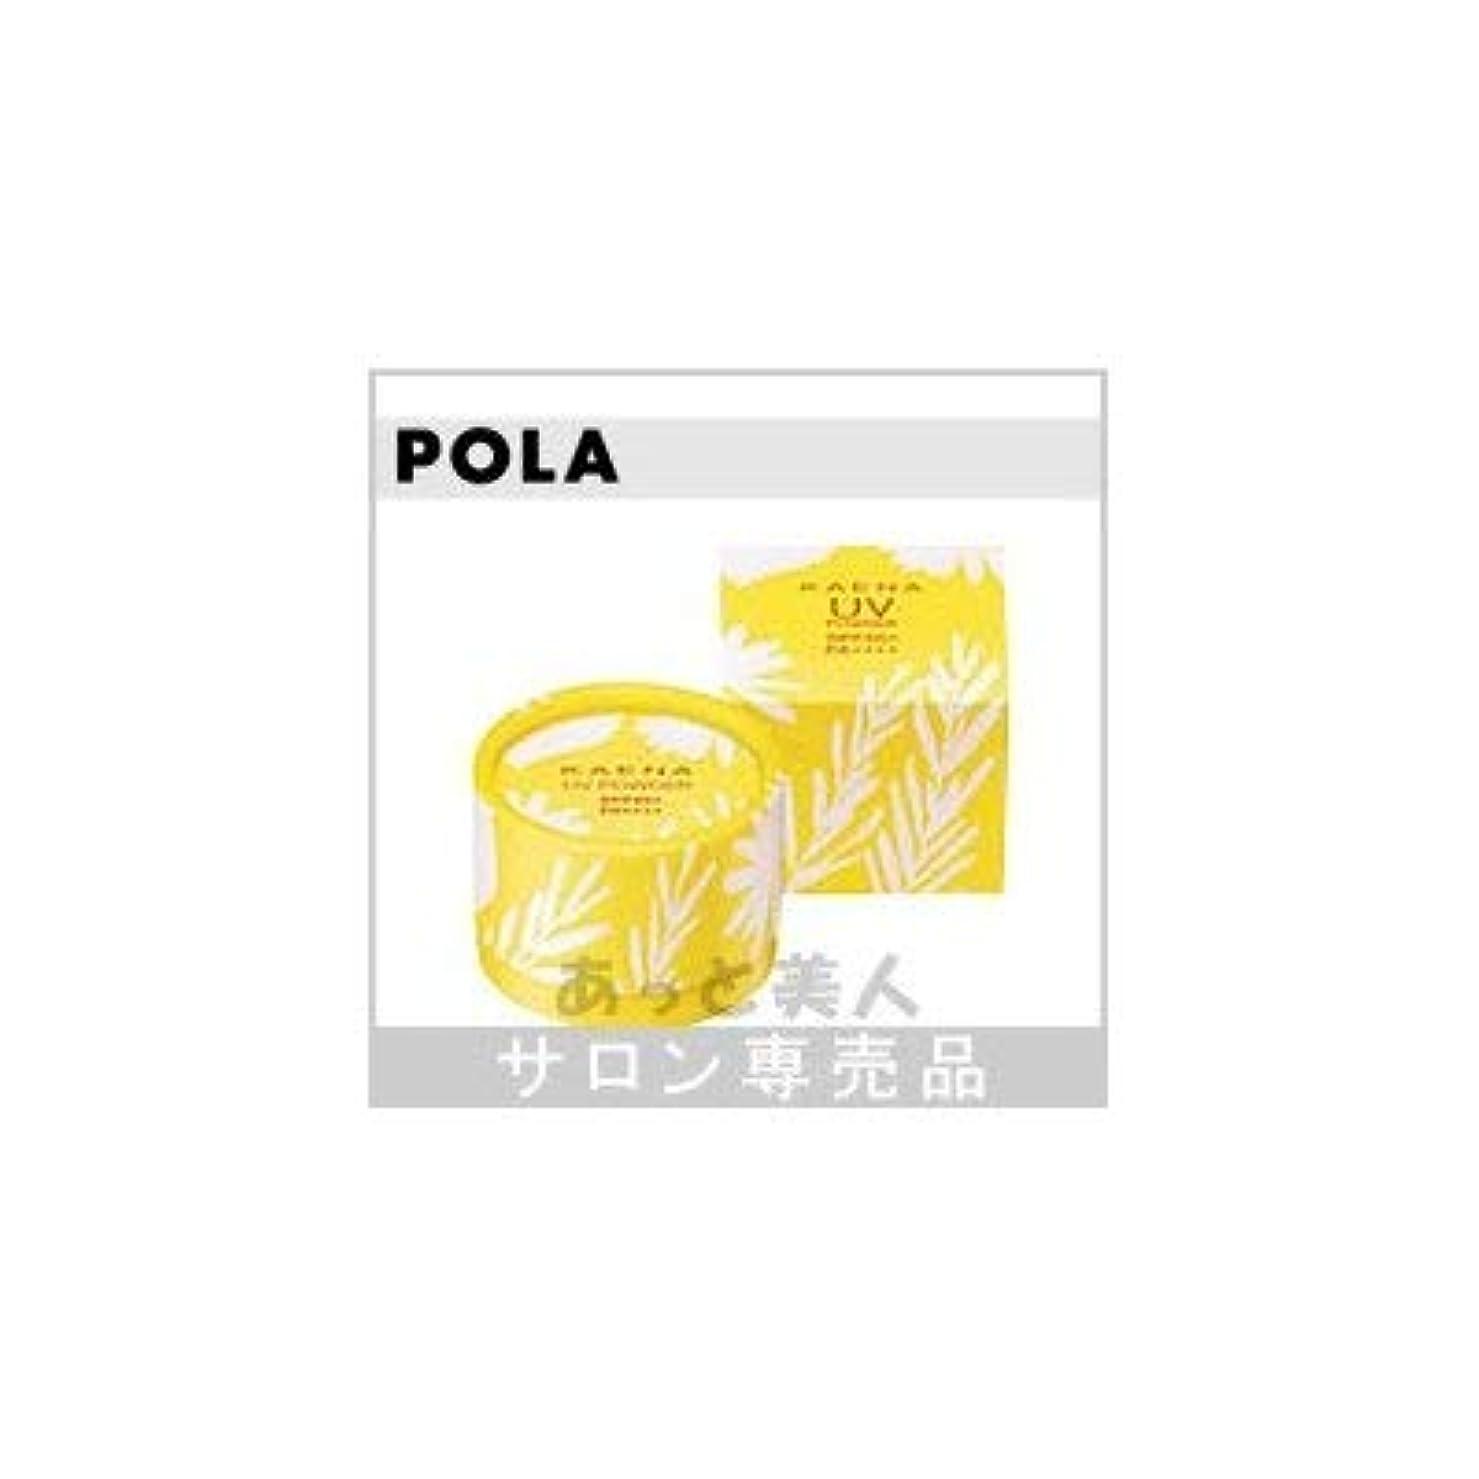 正確な物足りない分散ポーラ カエナ UVパウダー 6.5g (SPF50+ PA++++)